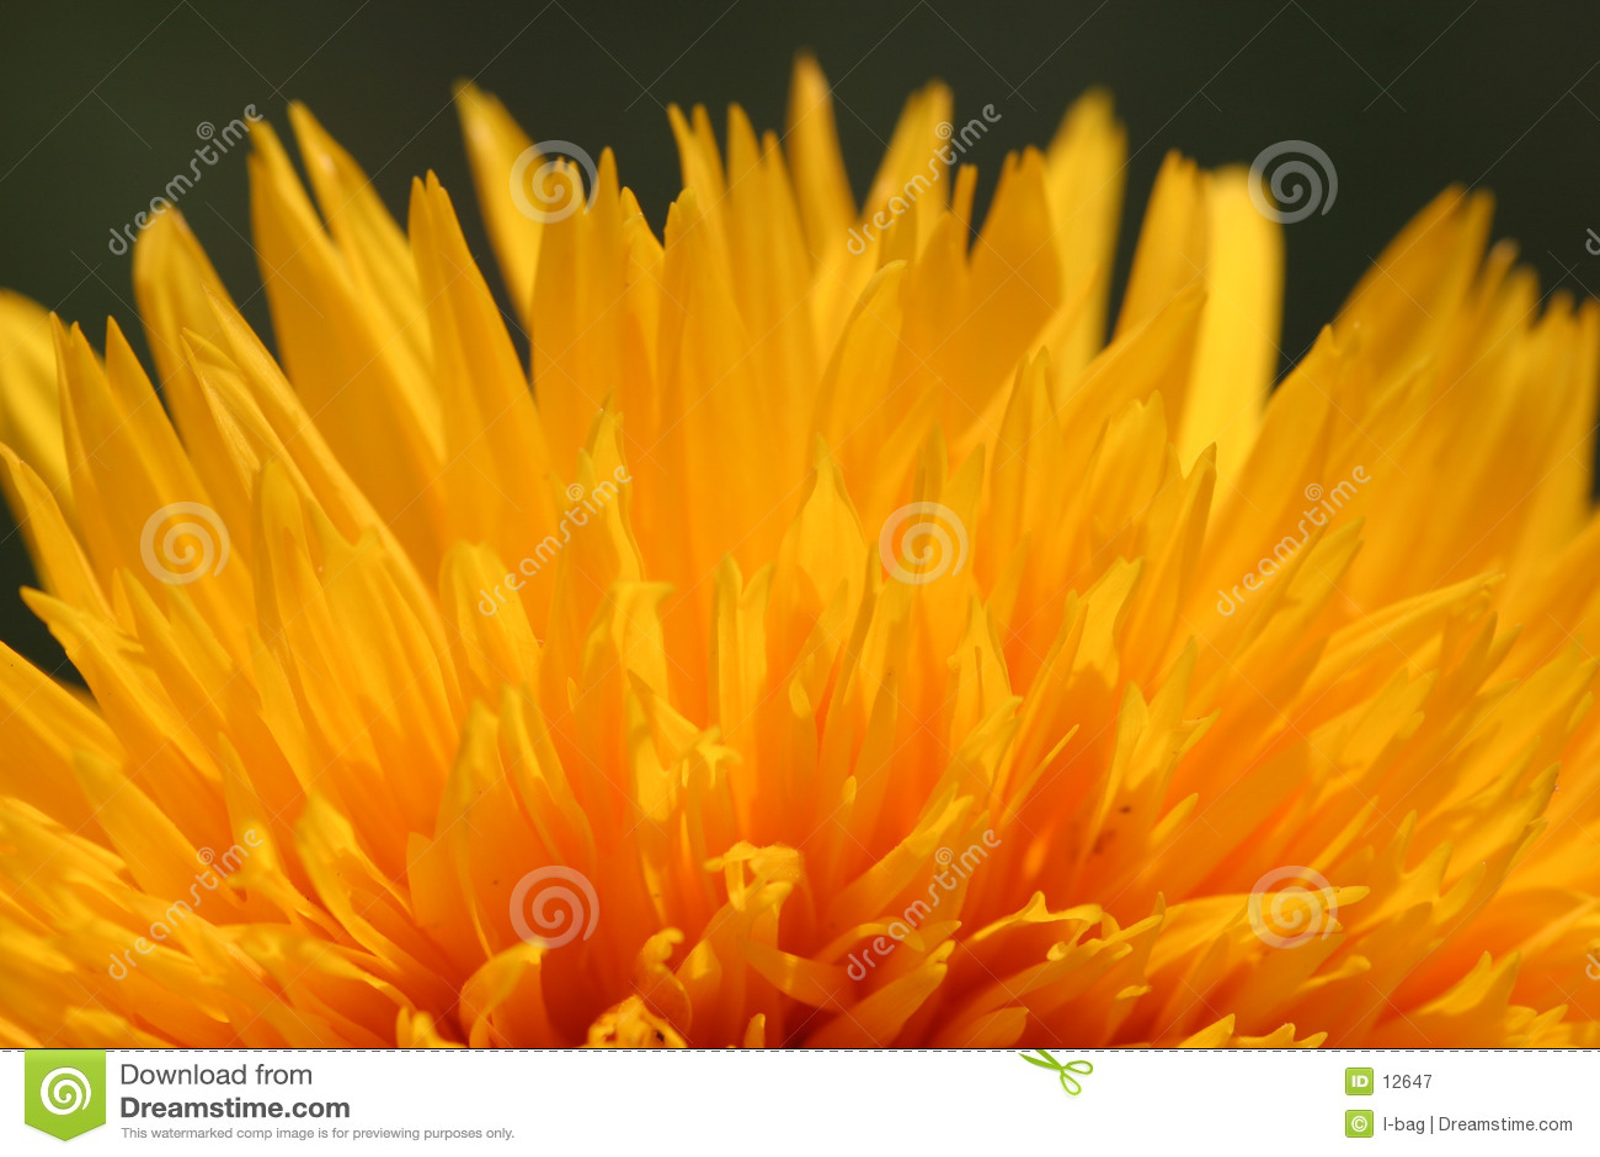 Fuego del flor